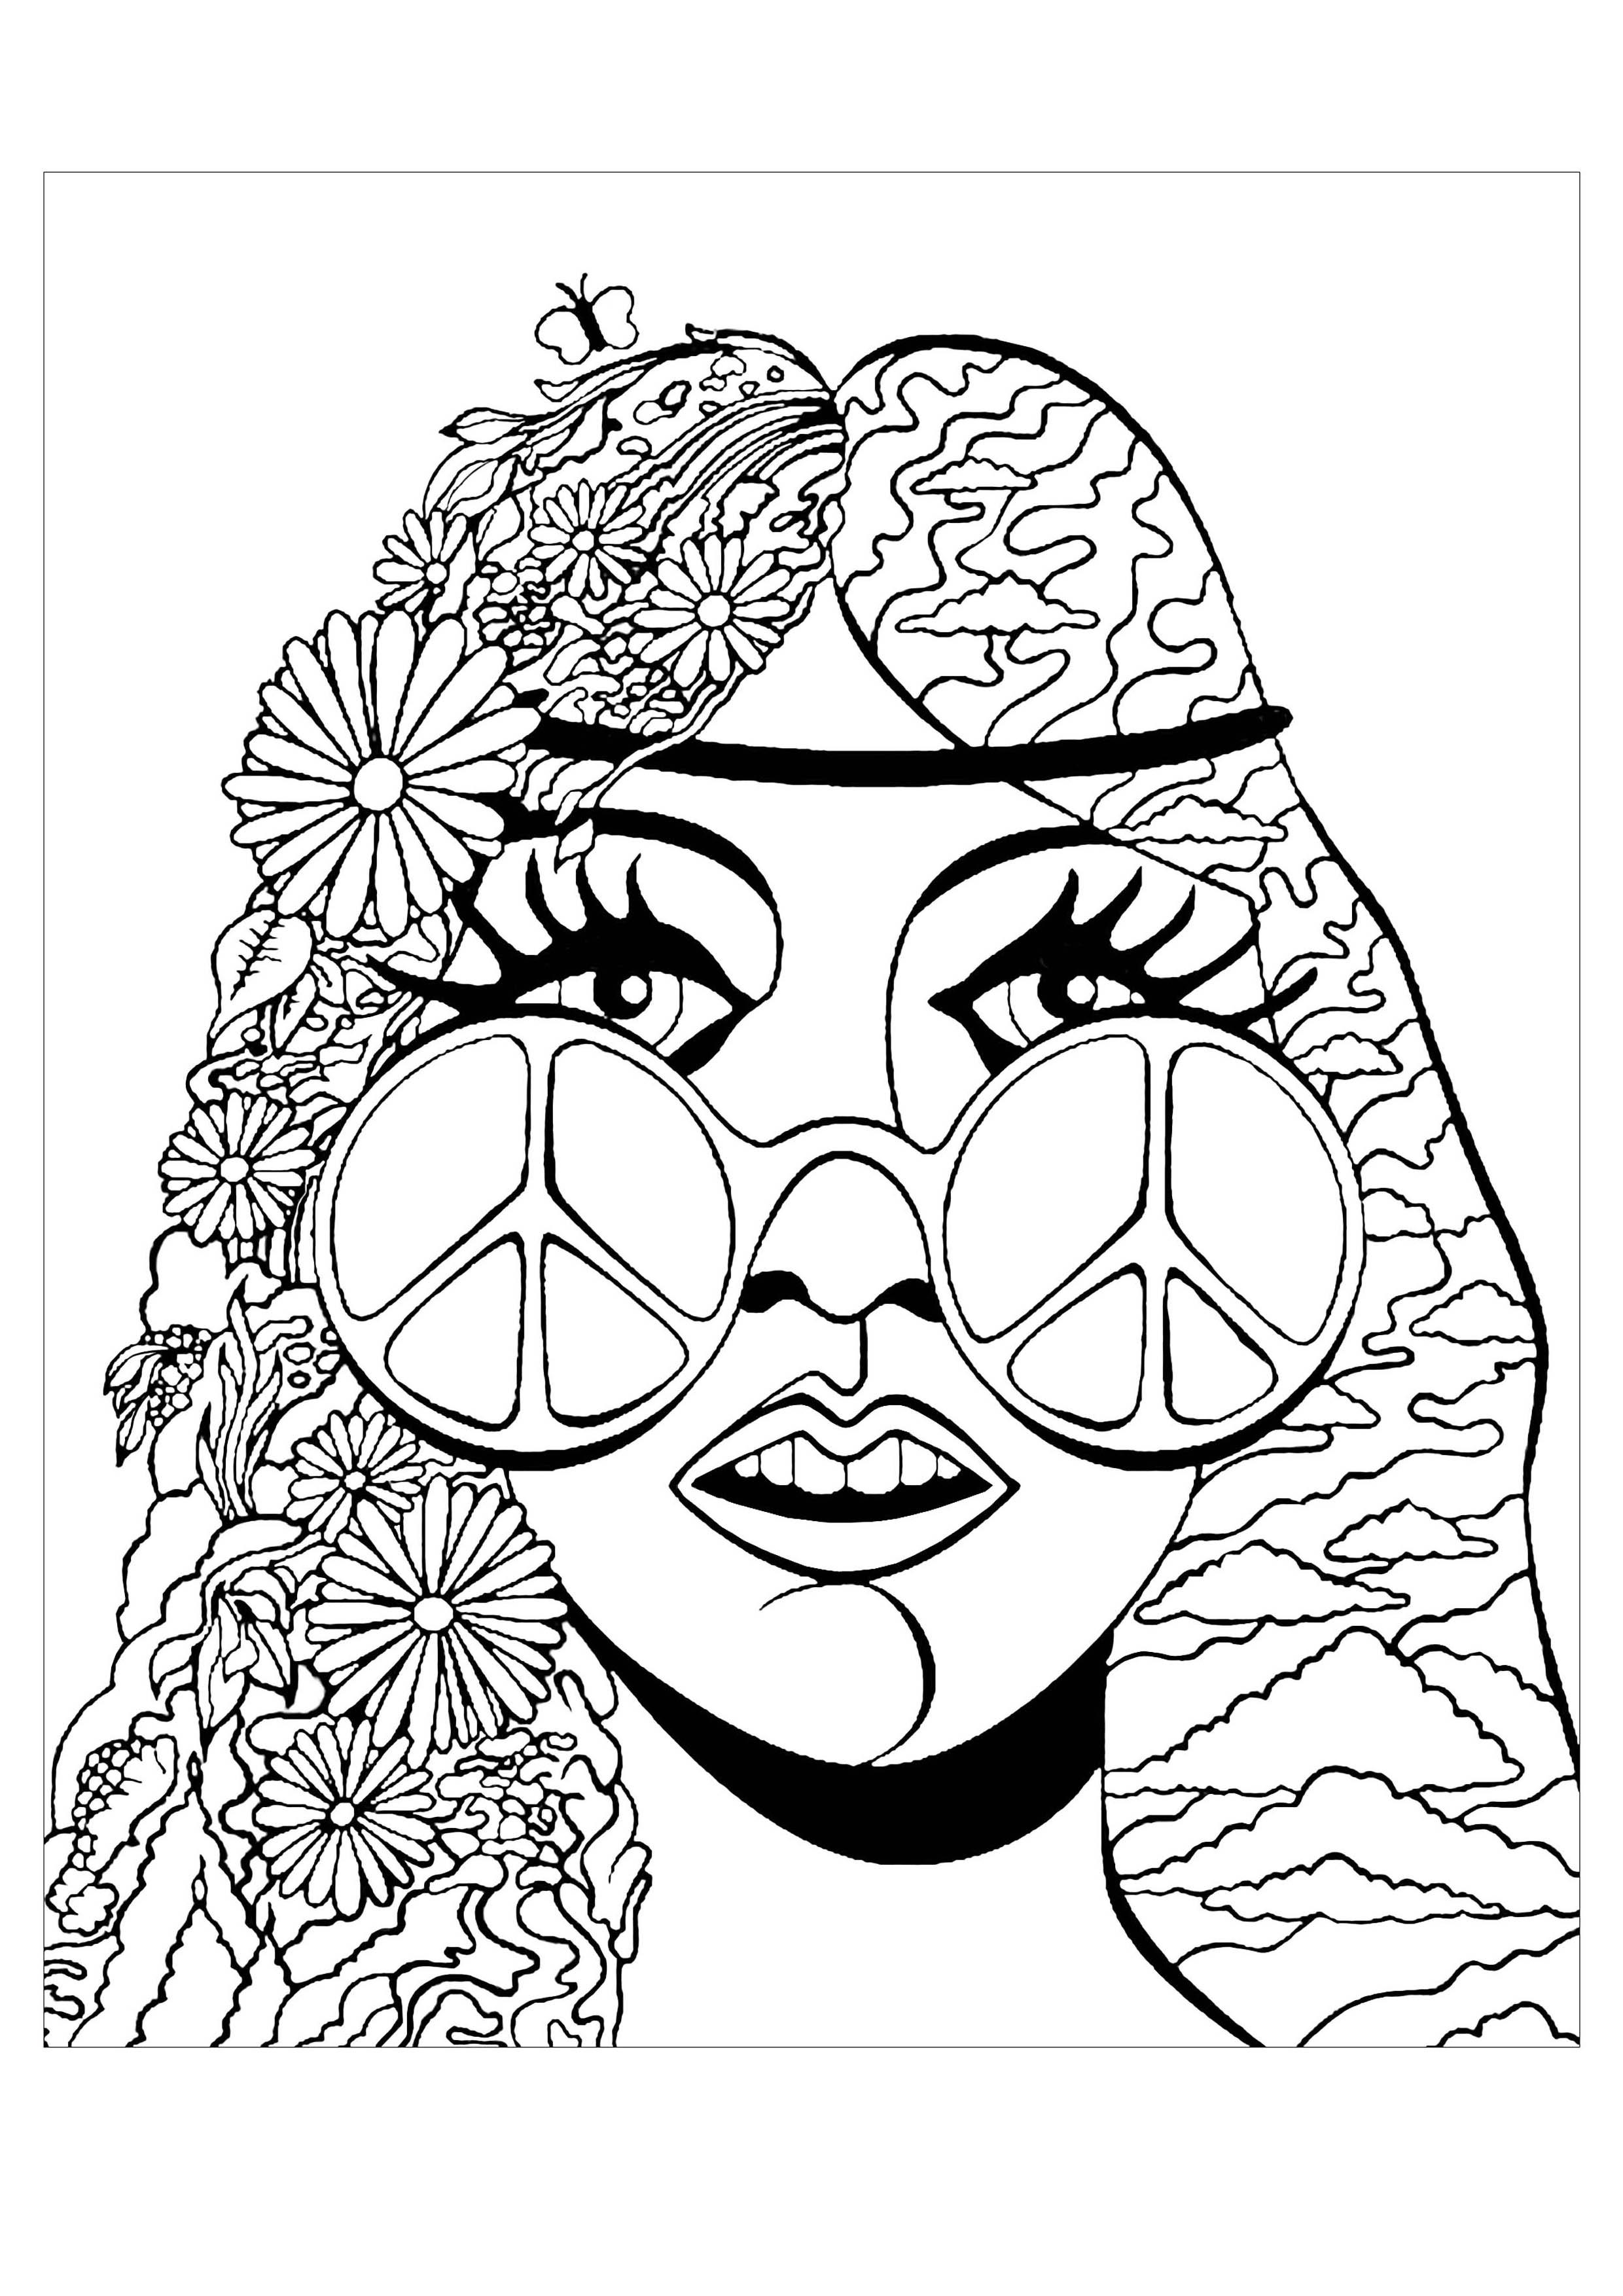 coloriage fille psychedelique et papillon hippie aux lunettes peace love avec un papillon - Coloriage Fille